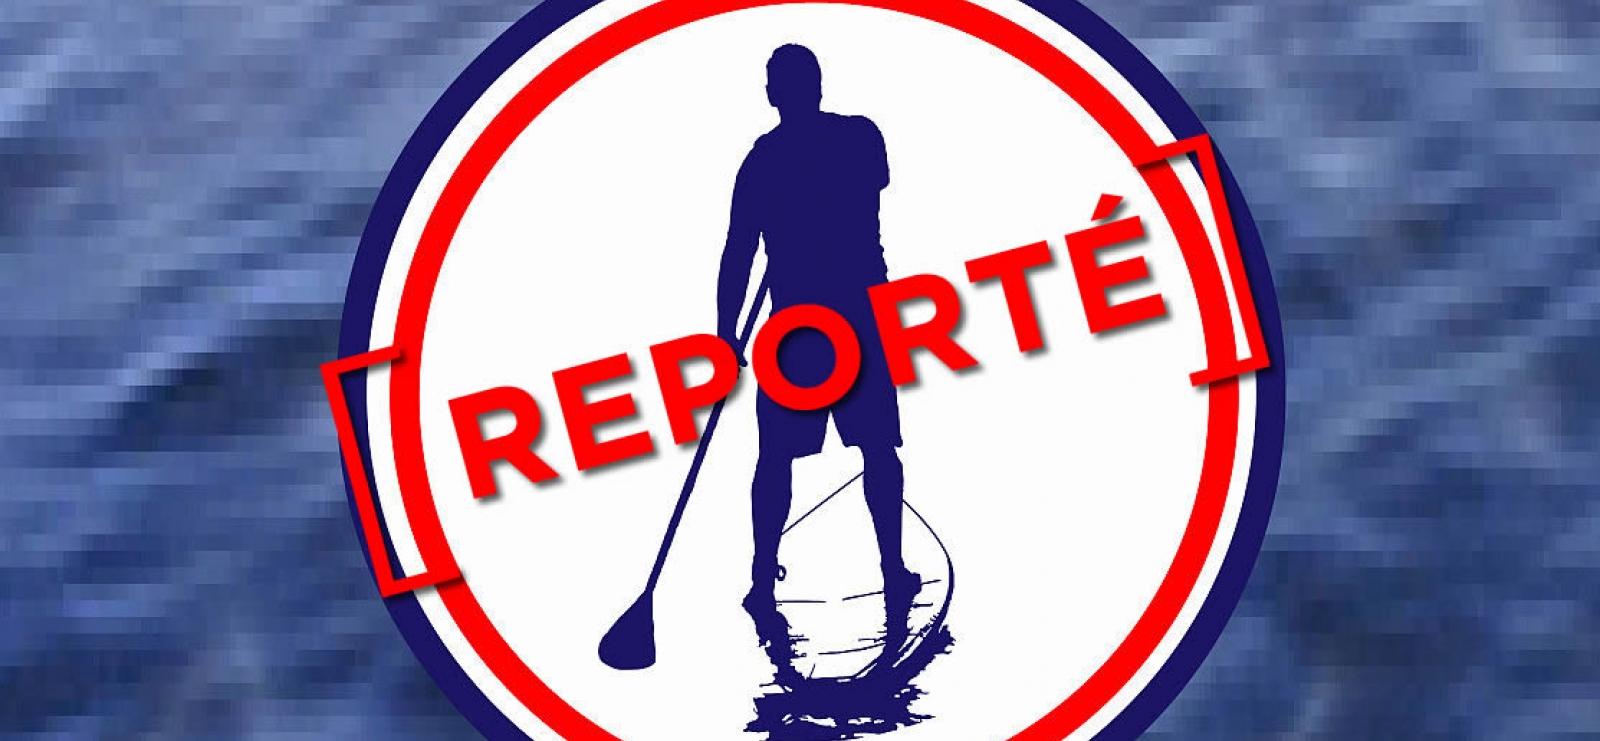 Reporté - Course Paddle Raid - Ultra Paddle race Calvi St Raphaël